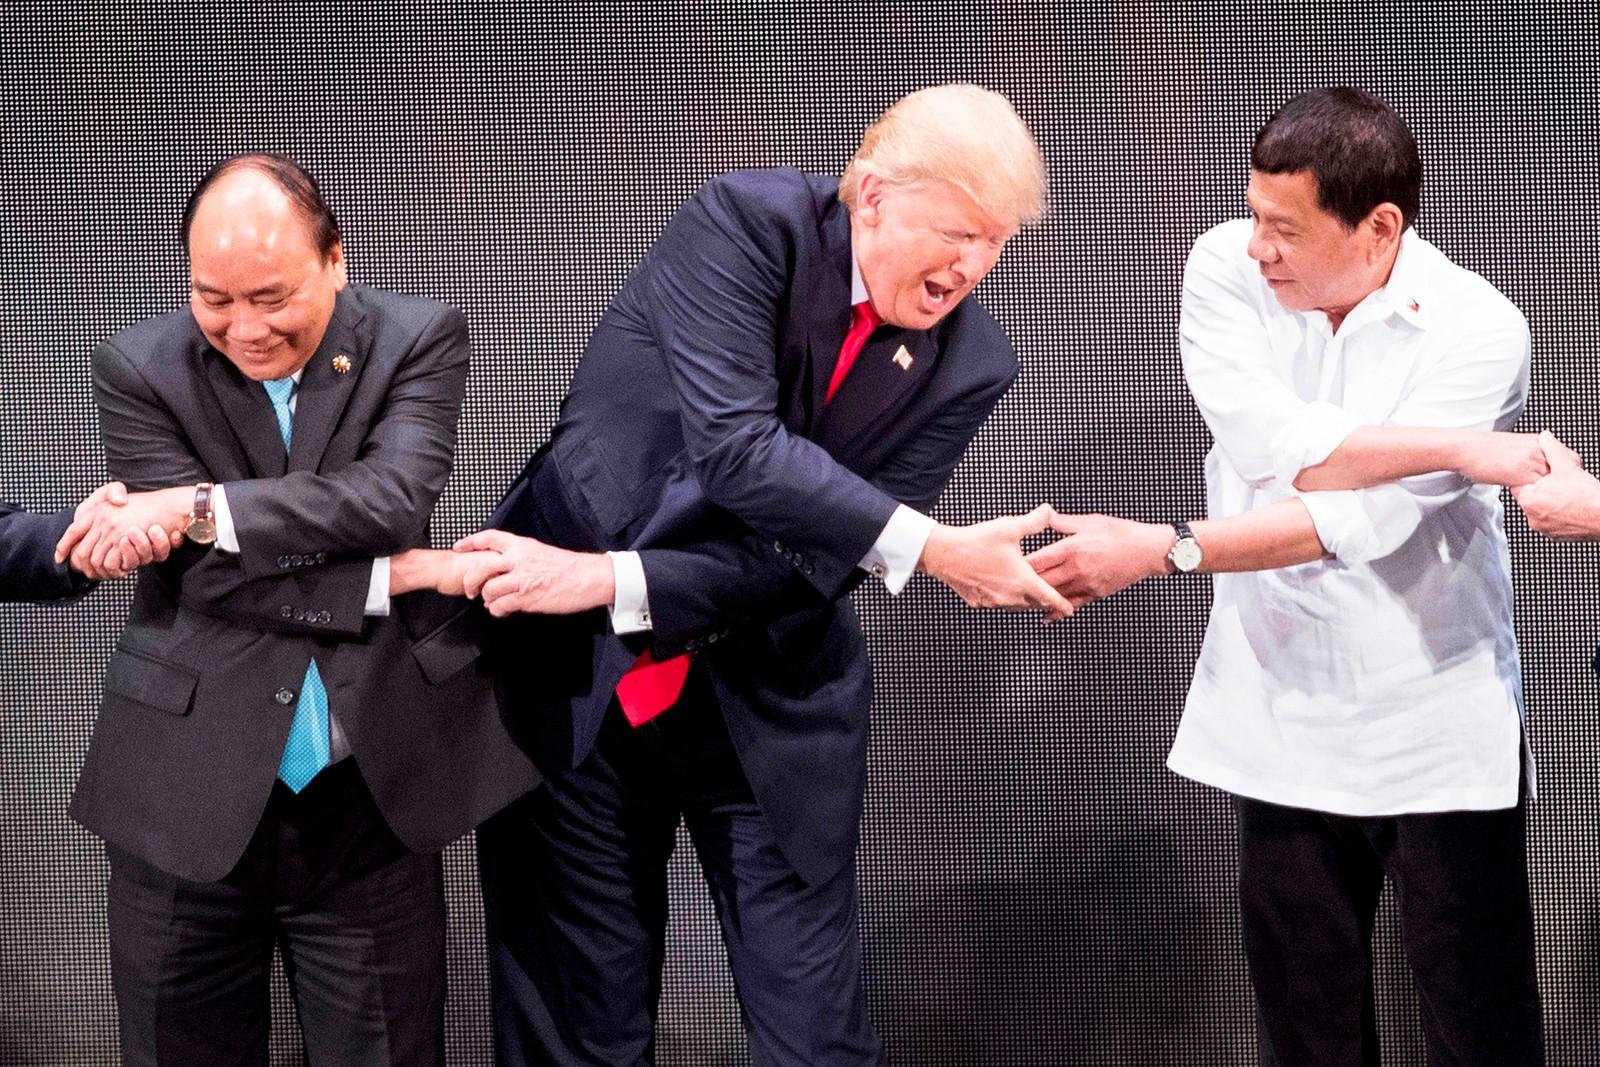 Etter at han skjønte hvordan det virket tok president Donald Trump både Vietnams statsminister Nguyen Xuan Phuc (t.v.) og Filippinenes president Rodrigo Duterte (t.h) i hendene.